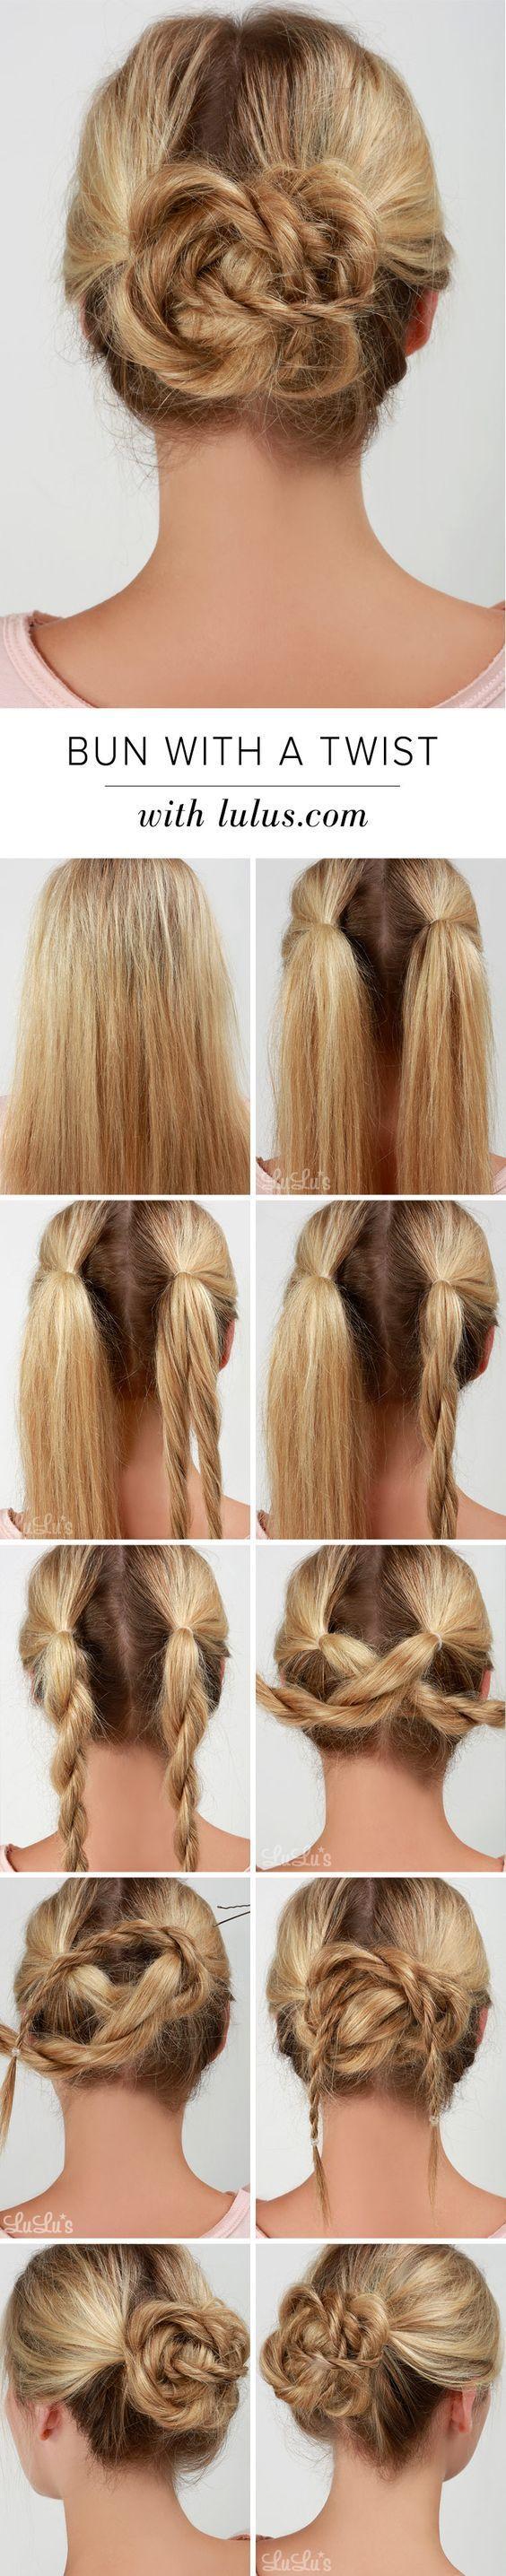 Lulus How-To: Brötchen mit einem Twist Hair Tutorial